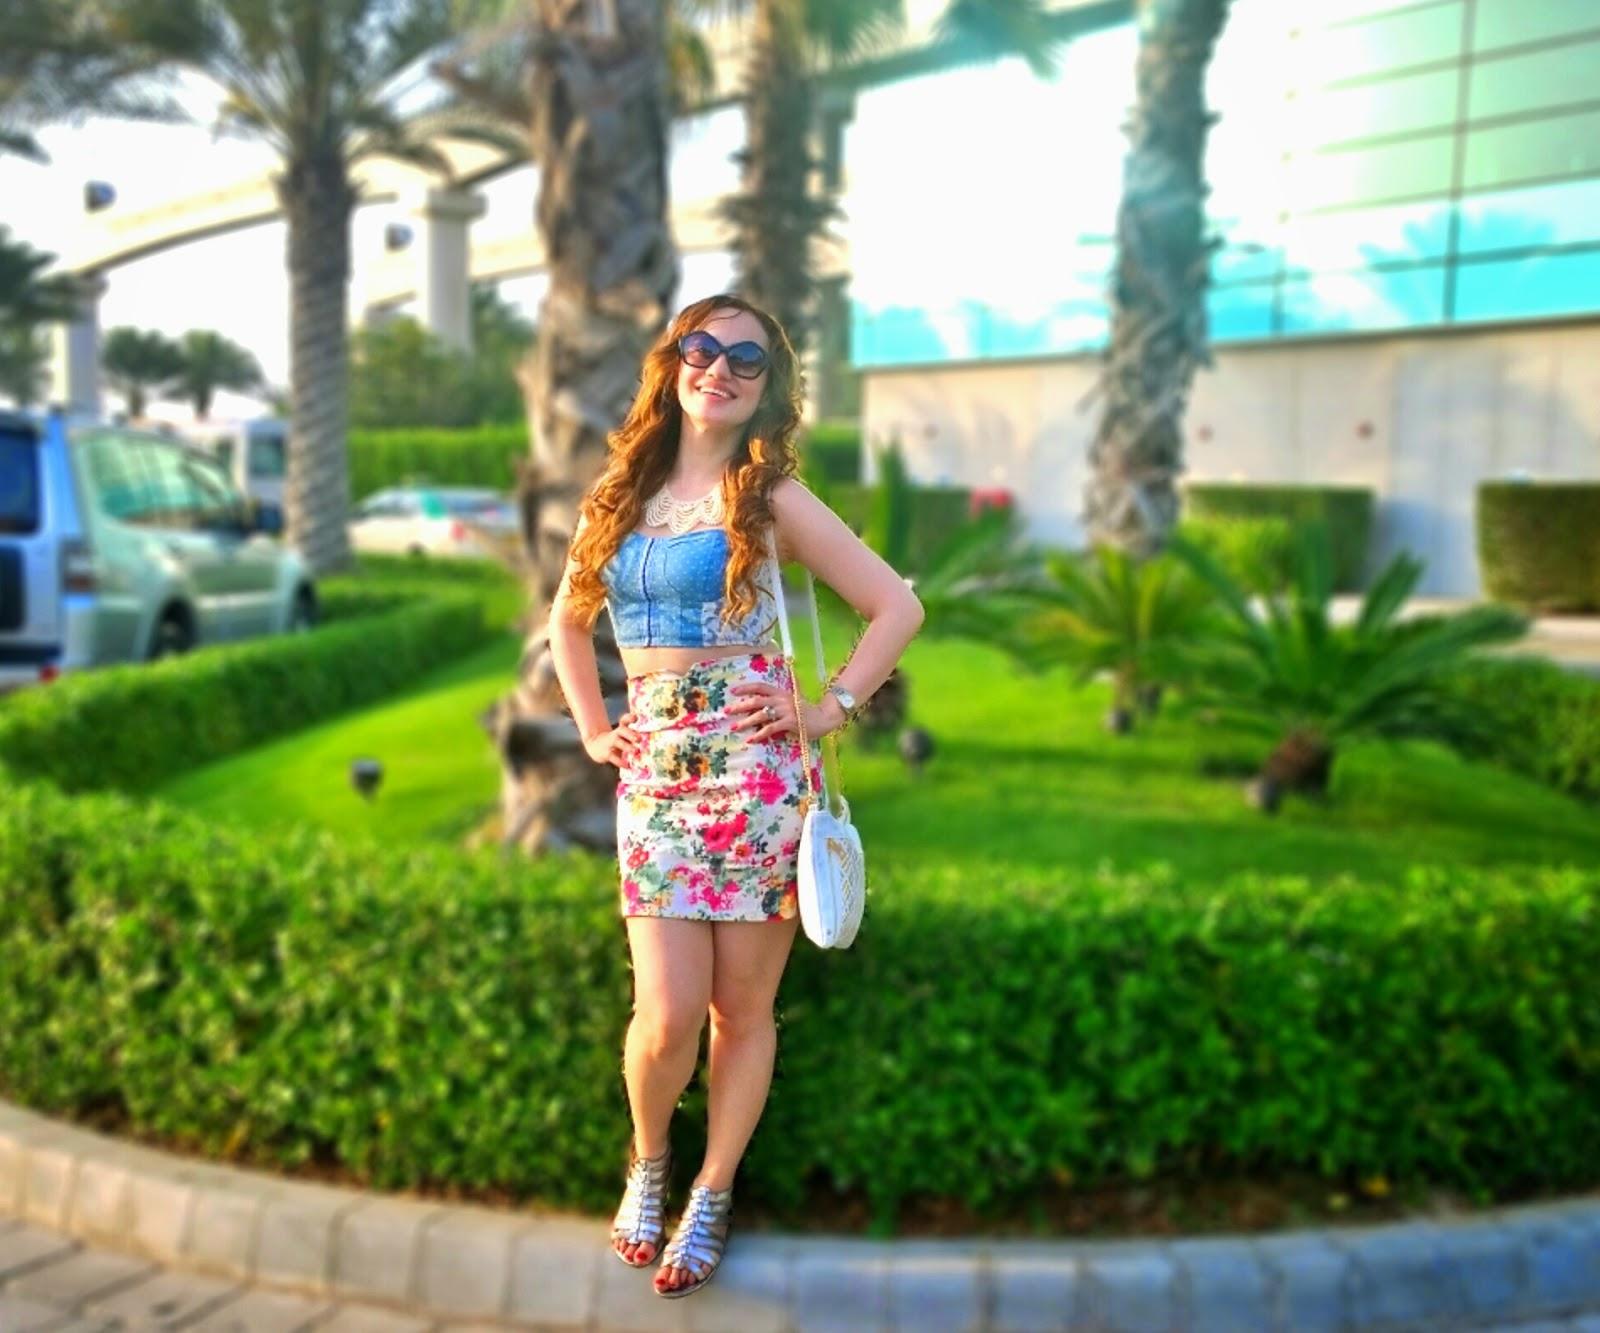 Bralet & Floral Skirt